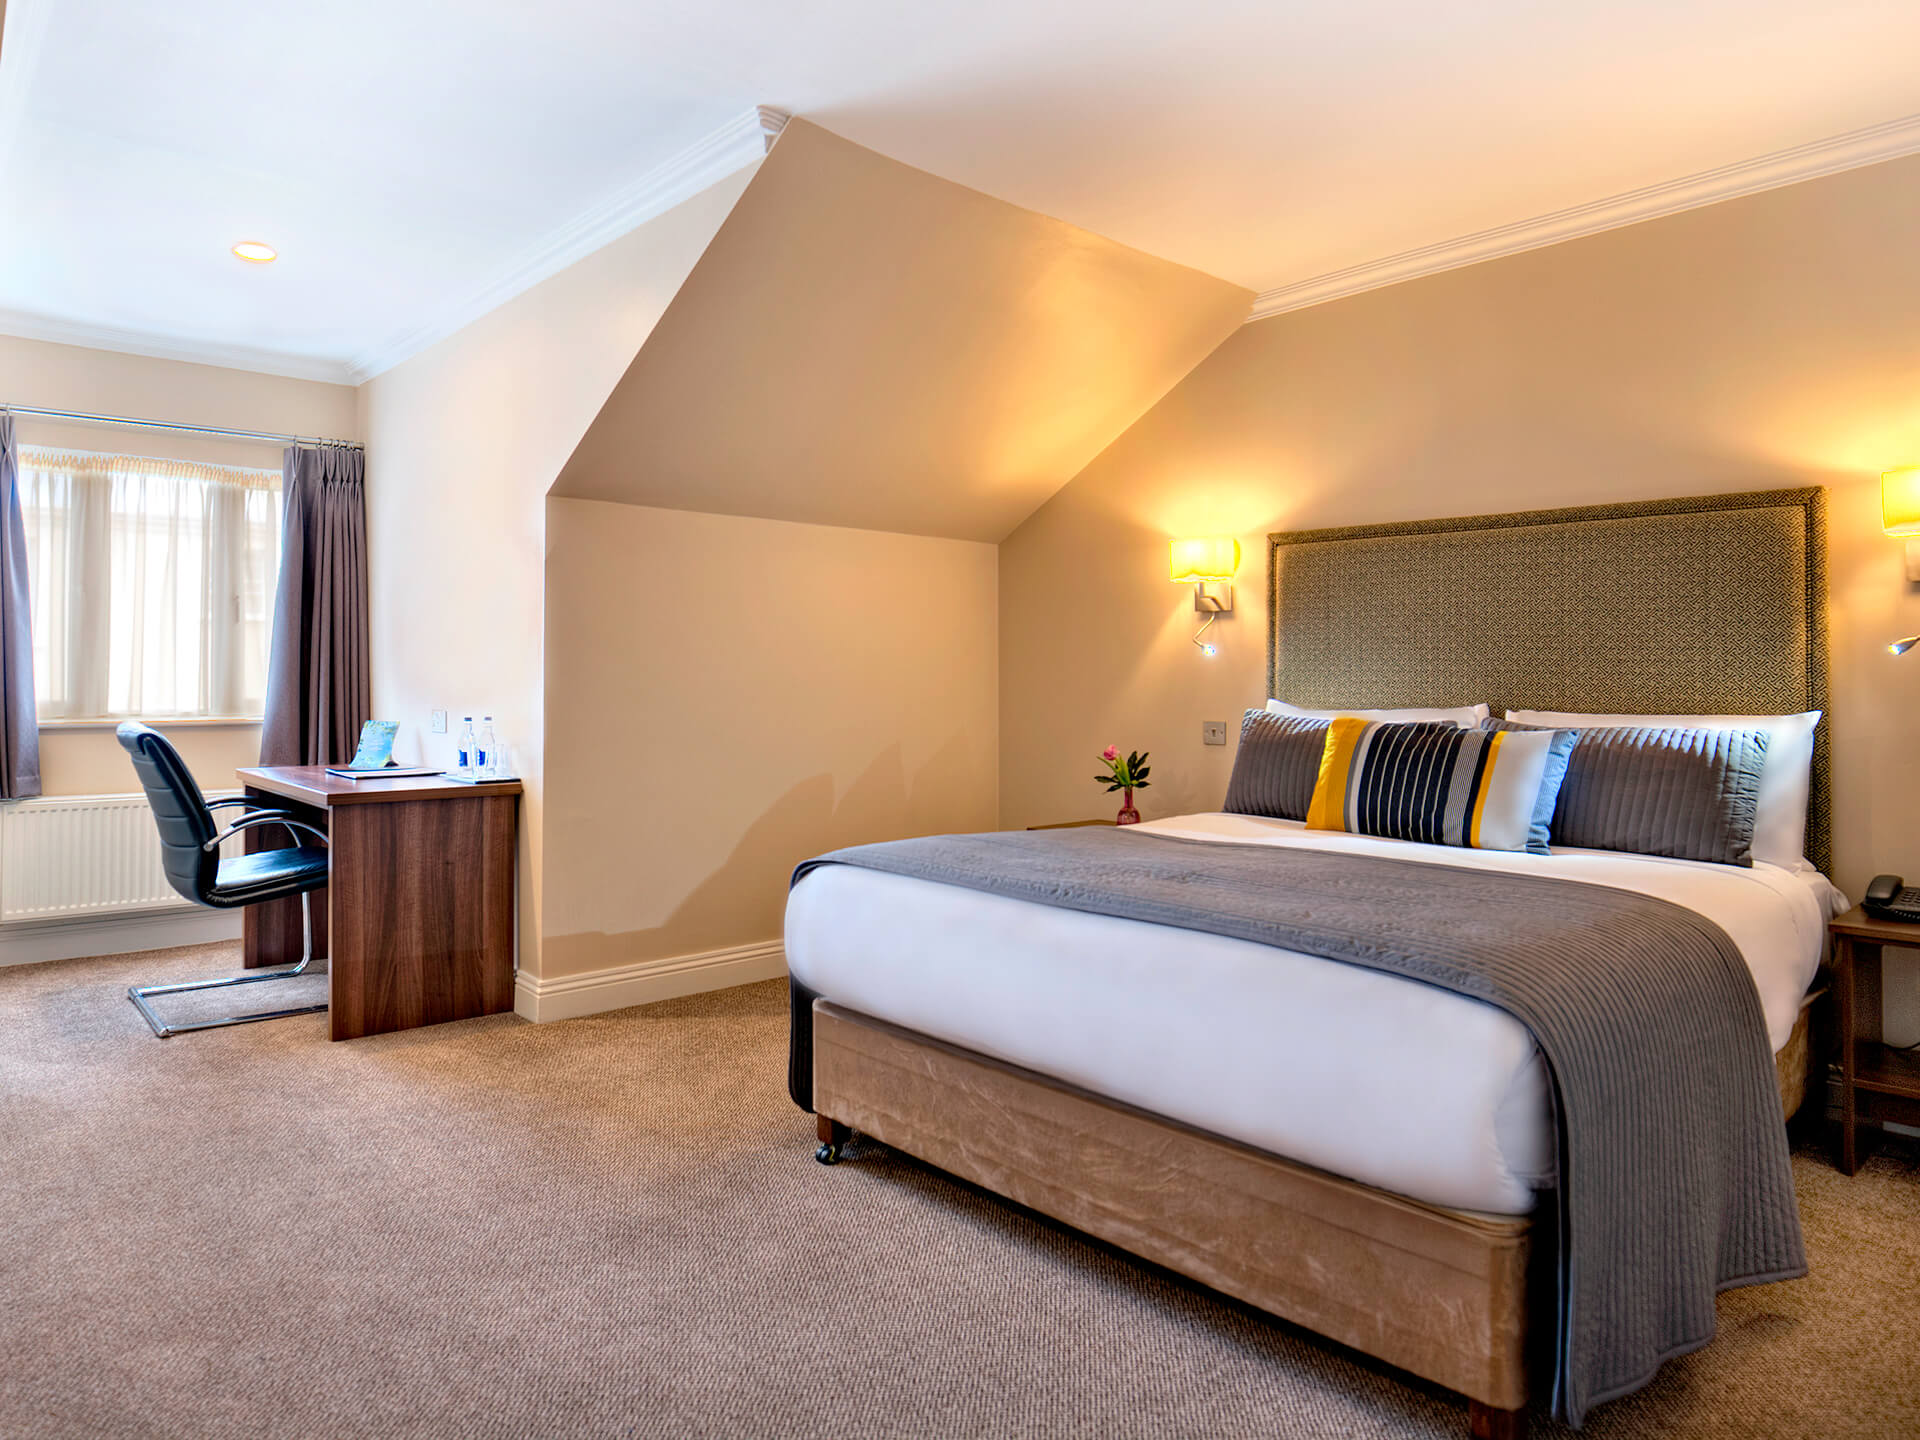 Executive Rooms Hotel Dublin 4 Sandymount Hotel Dublin